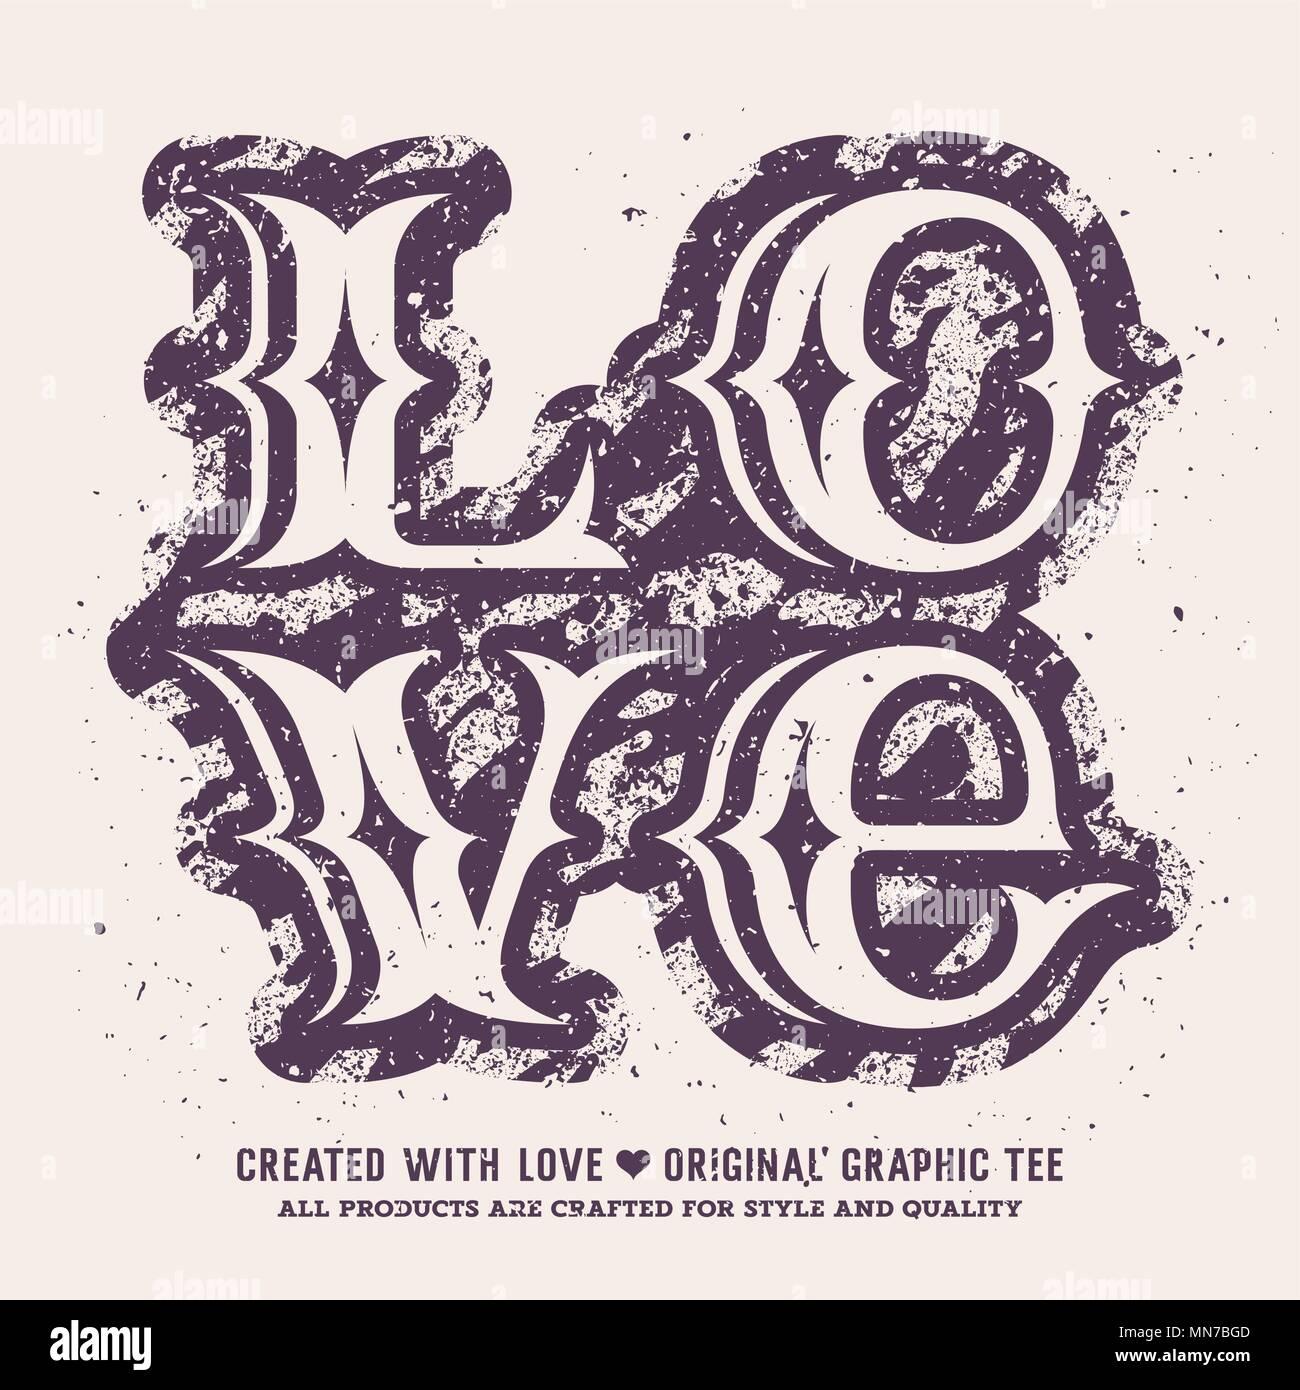 Lettres d'amour. Vector illustration romantique Saint-Valentin. T-shirt apparel imprimer des graphiques. Graphic Tee original Photo Stock